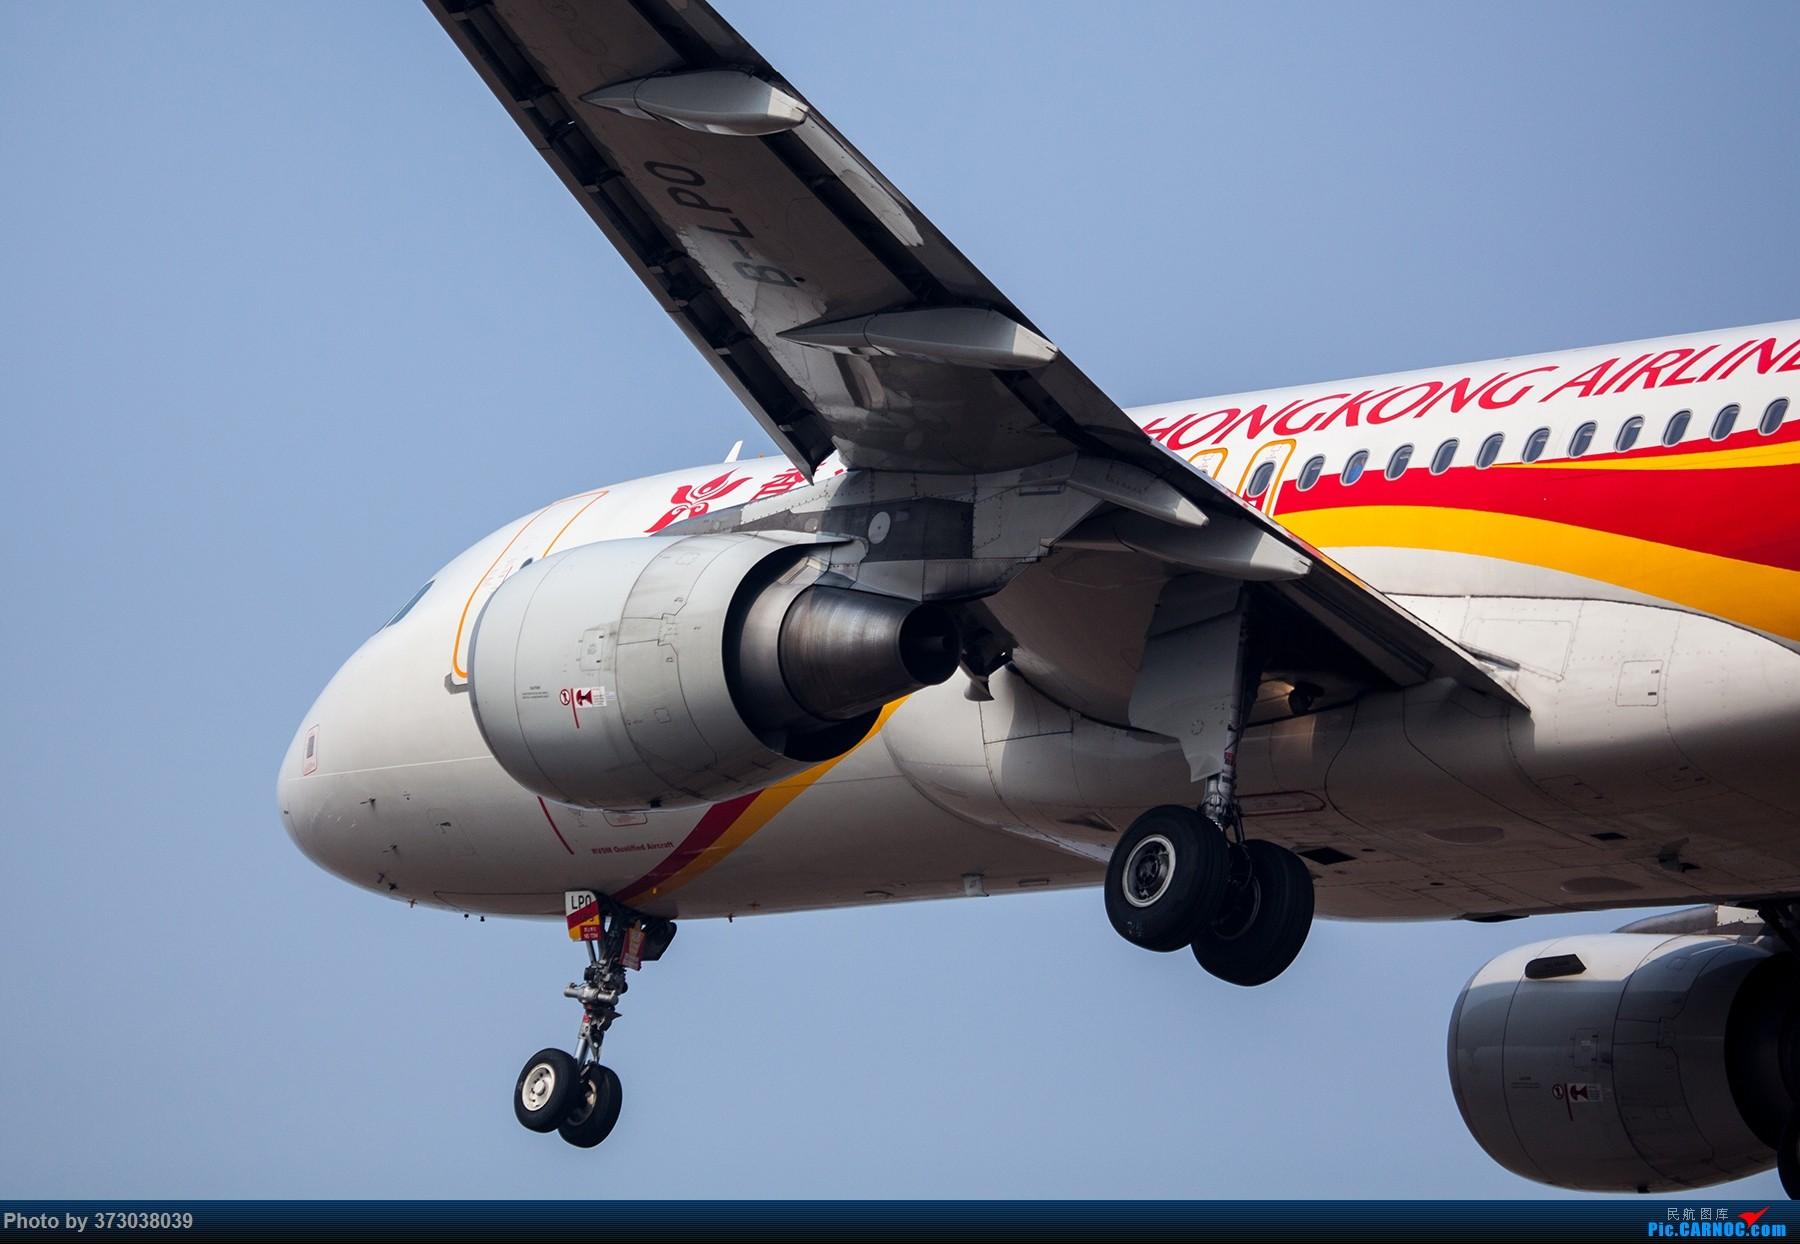 Re:[原创]【杭州飞友会】A320Neo迪士尼杭州萧山机场拍机班门弄斧记 AIRBUS A320-200 B-LPO 中国杭州萧山国际机场